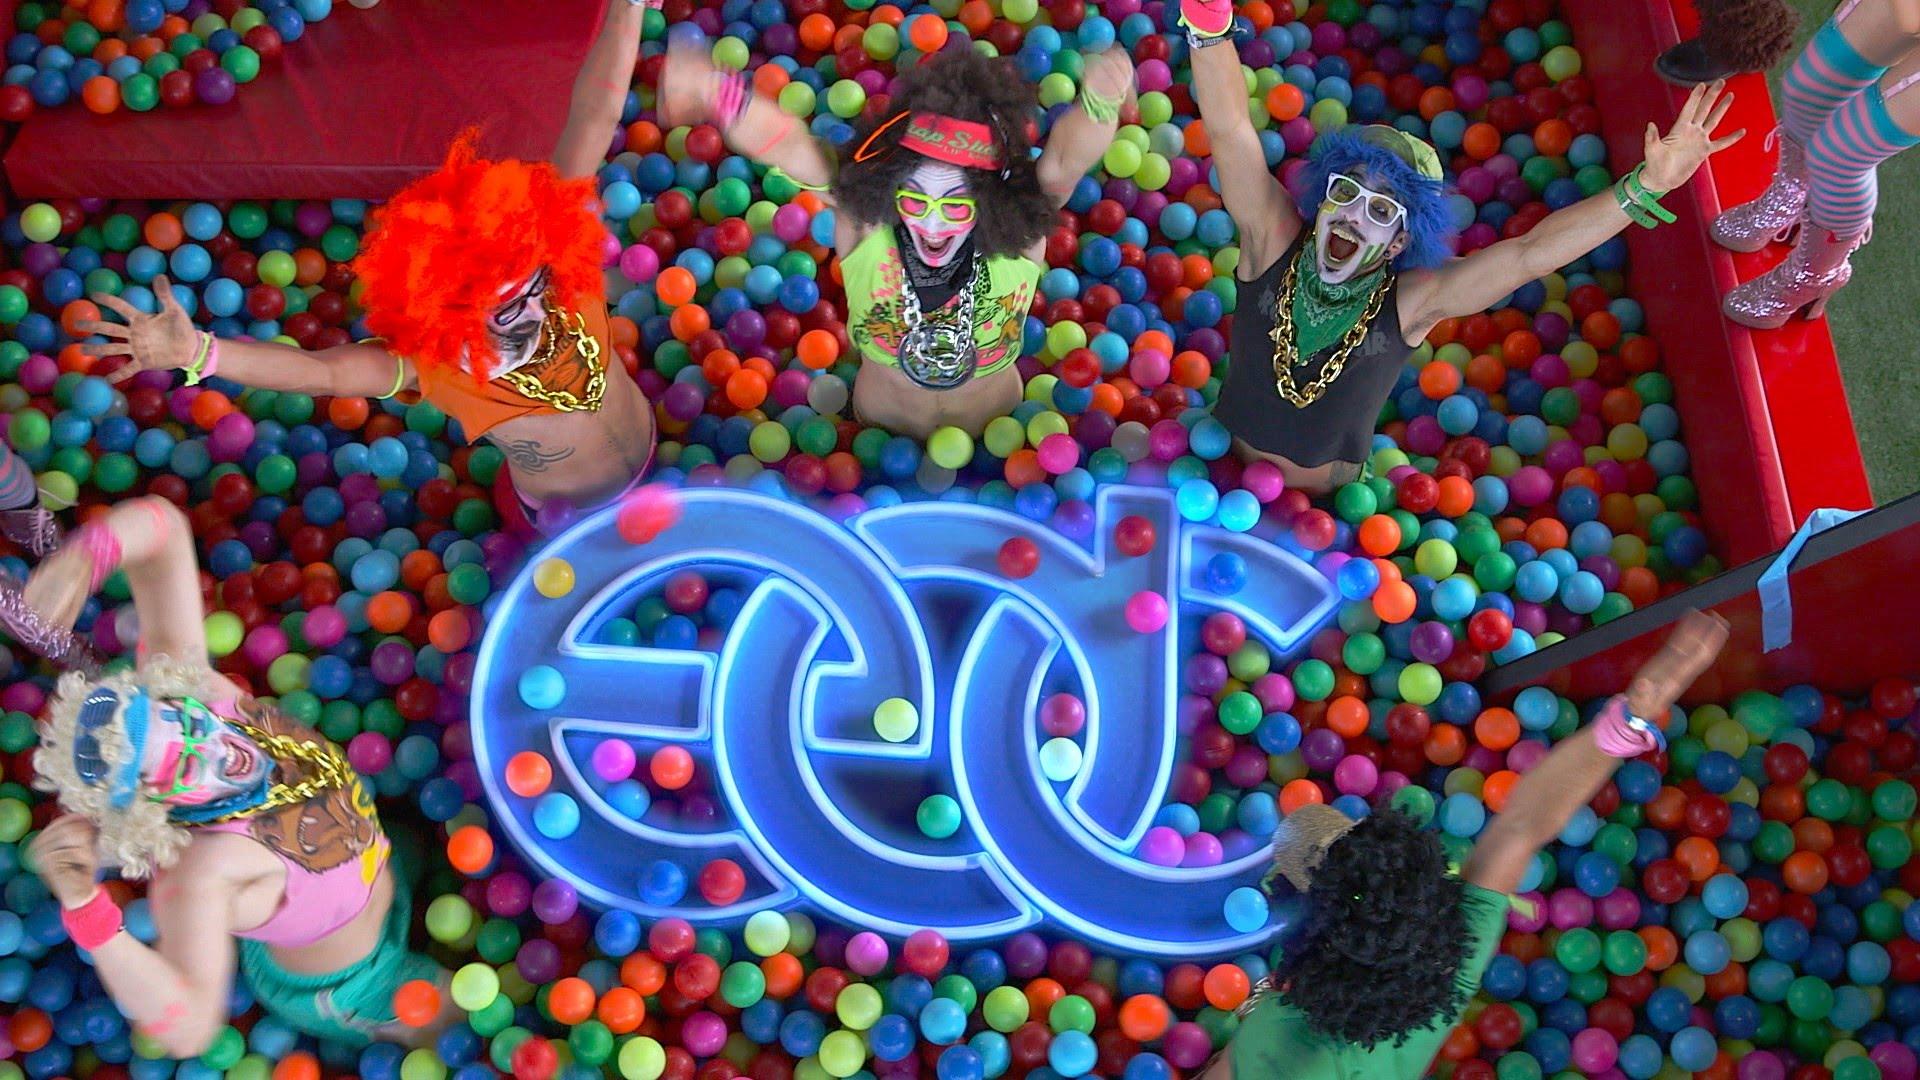 Edc Las Vegas 1920x1080 Wallpaper Teahub Io